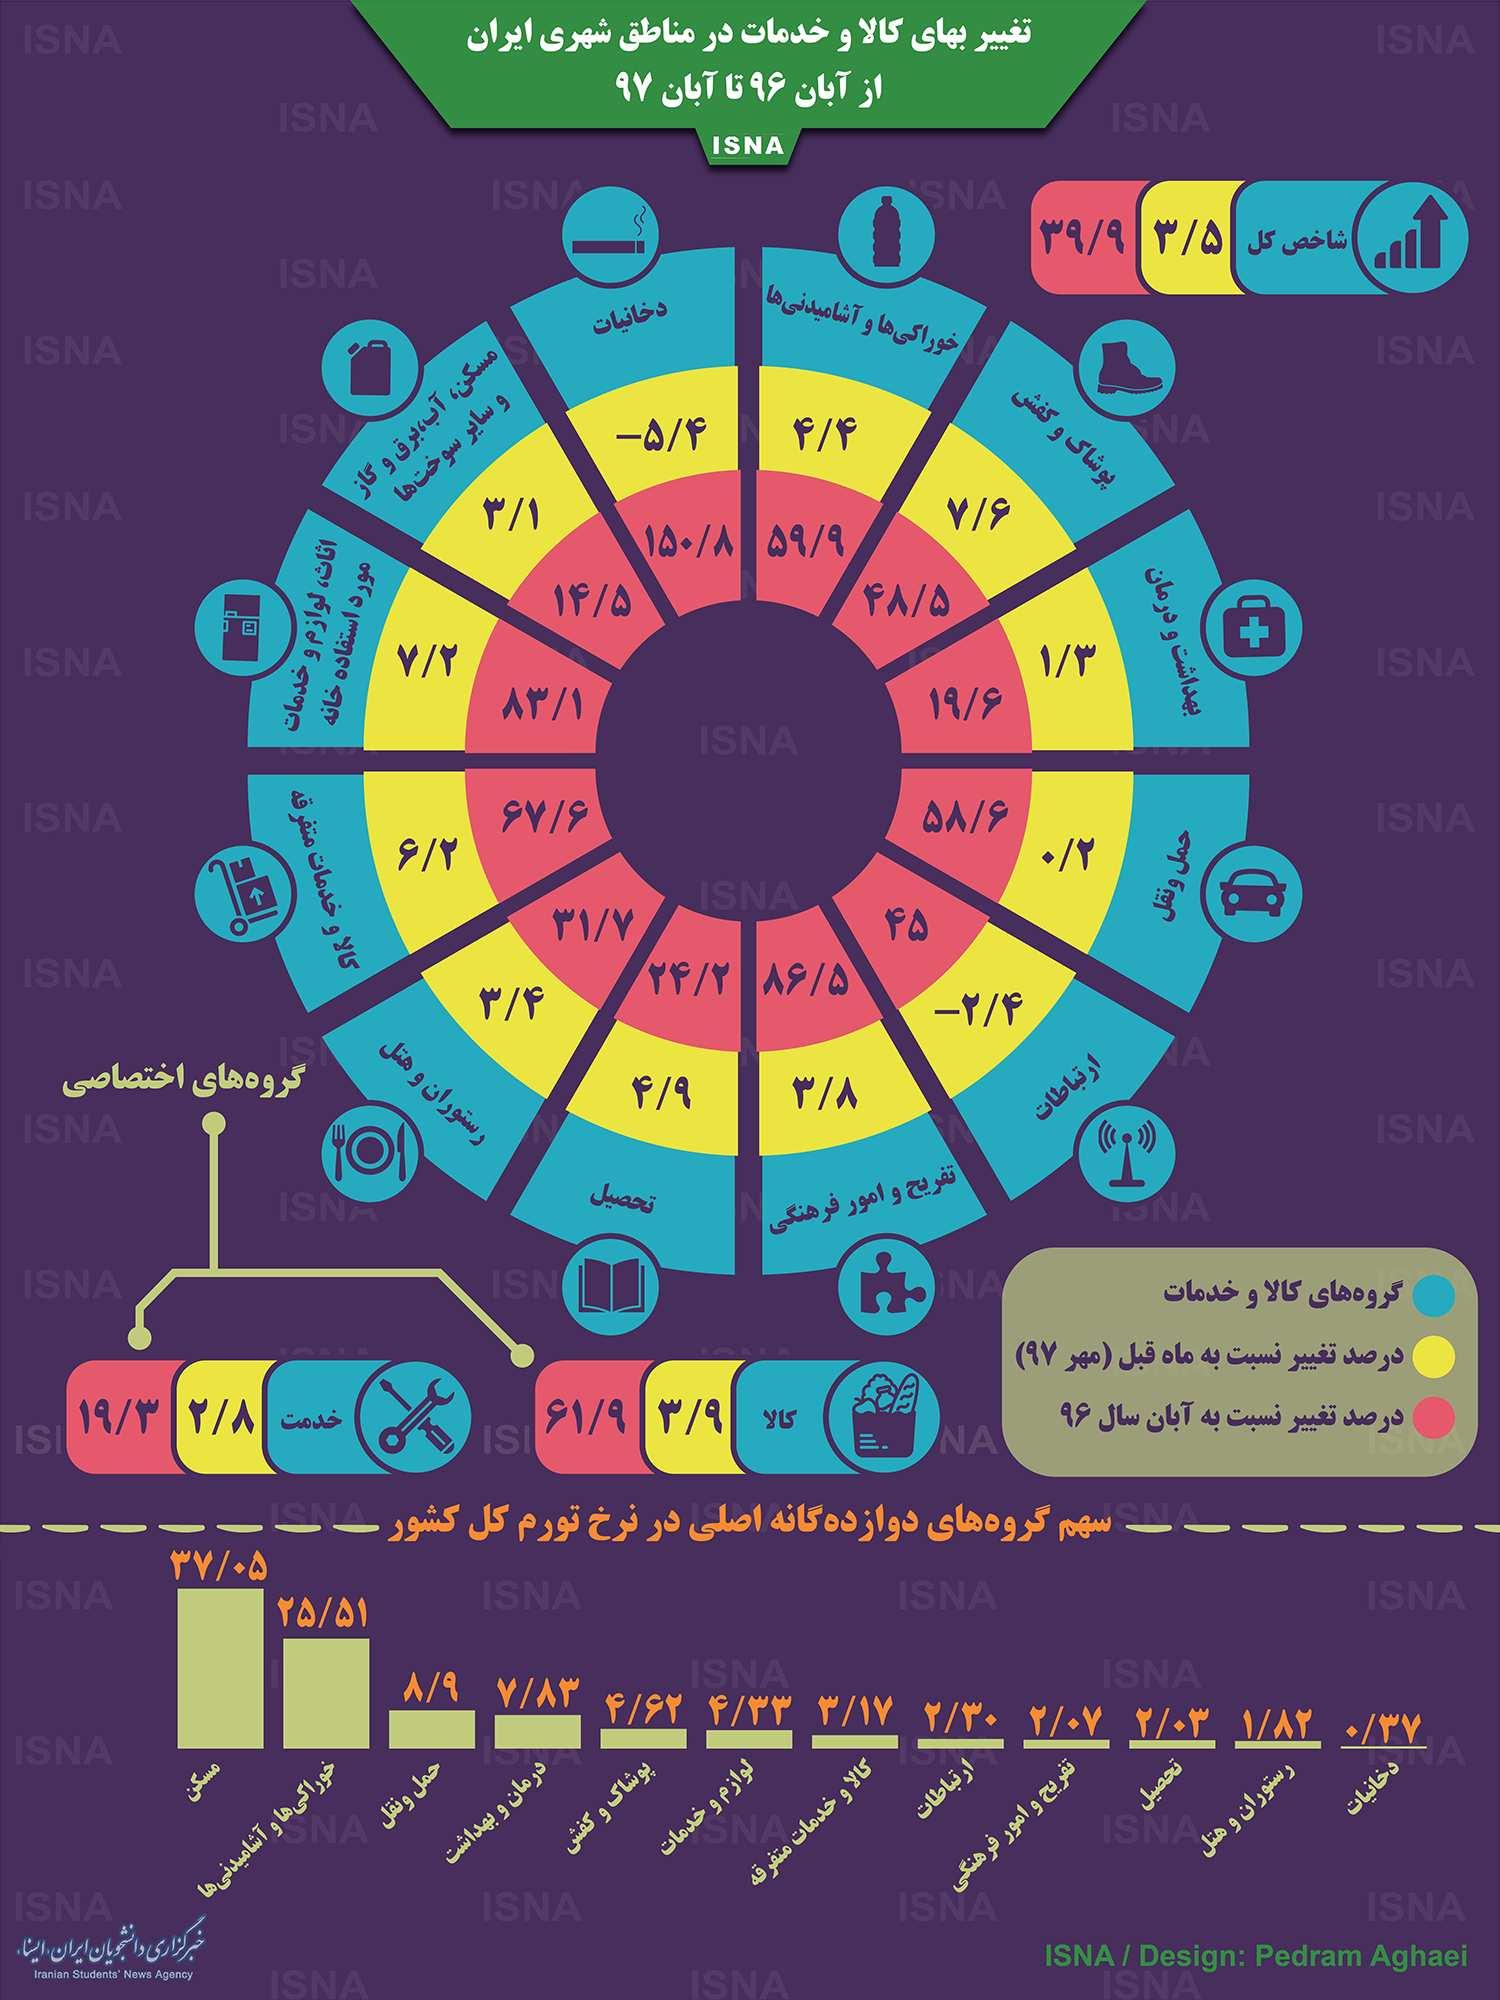 اینفوگرافیک تغییر بهای کالا و خدمات در مناطق شهری ایران